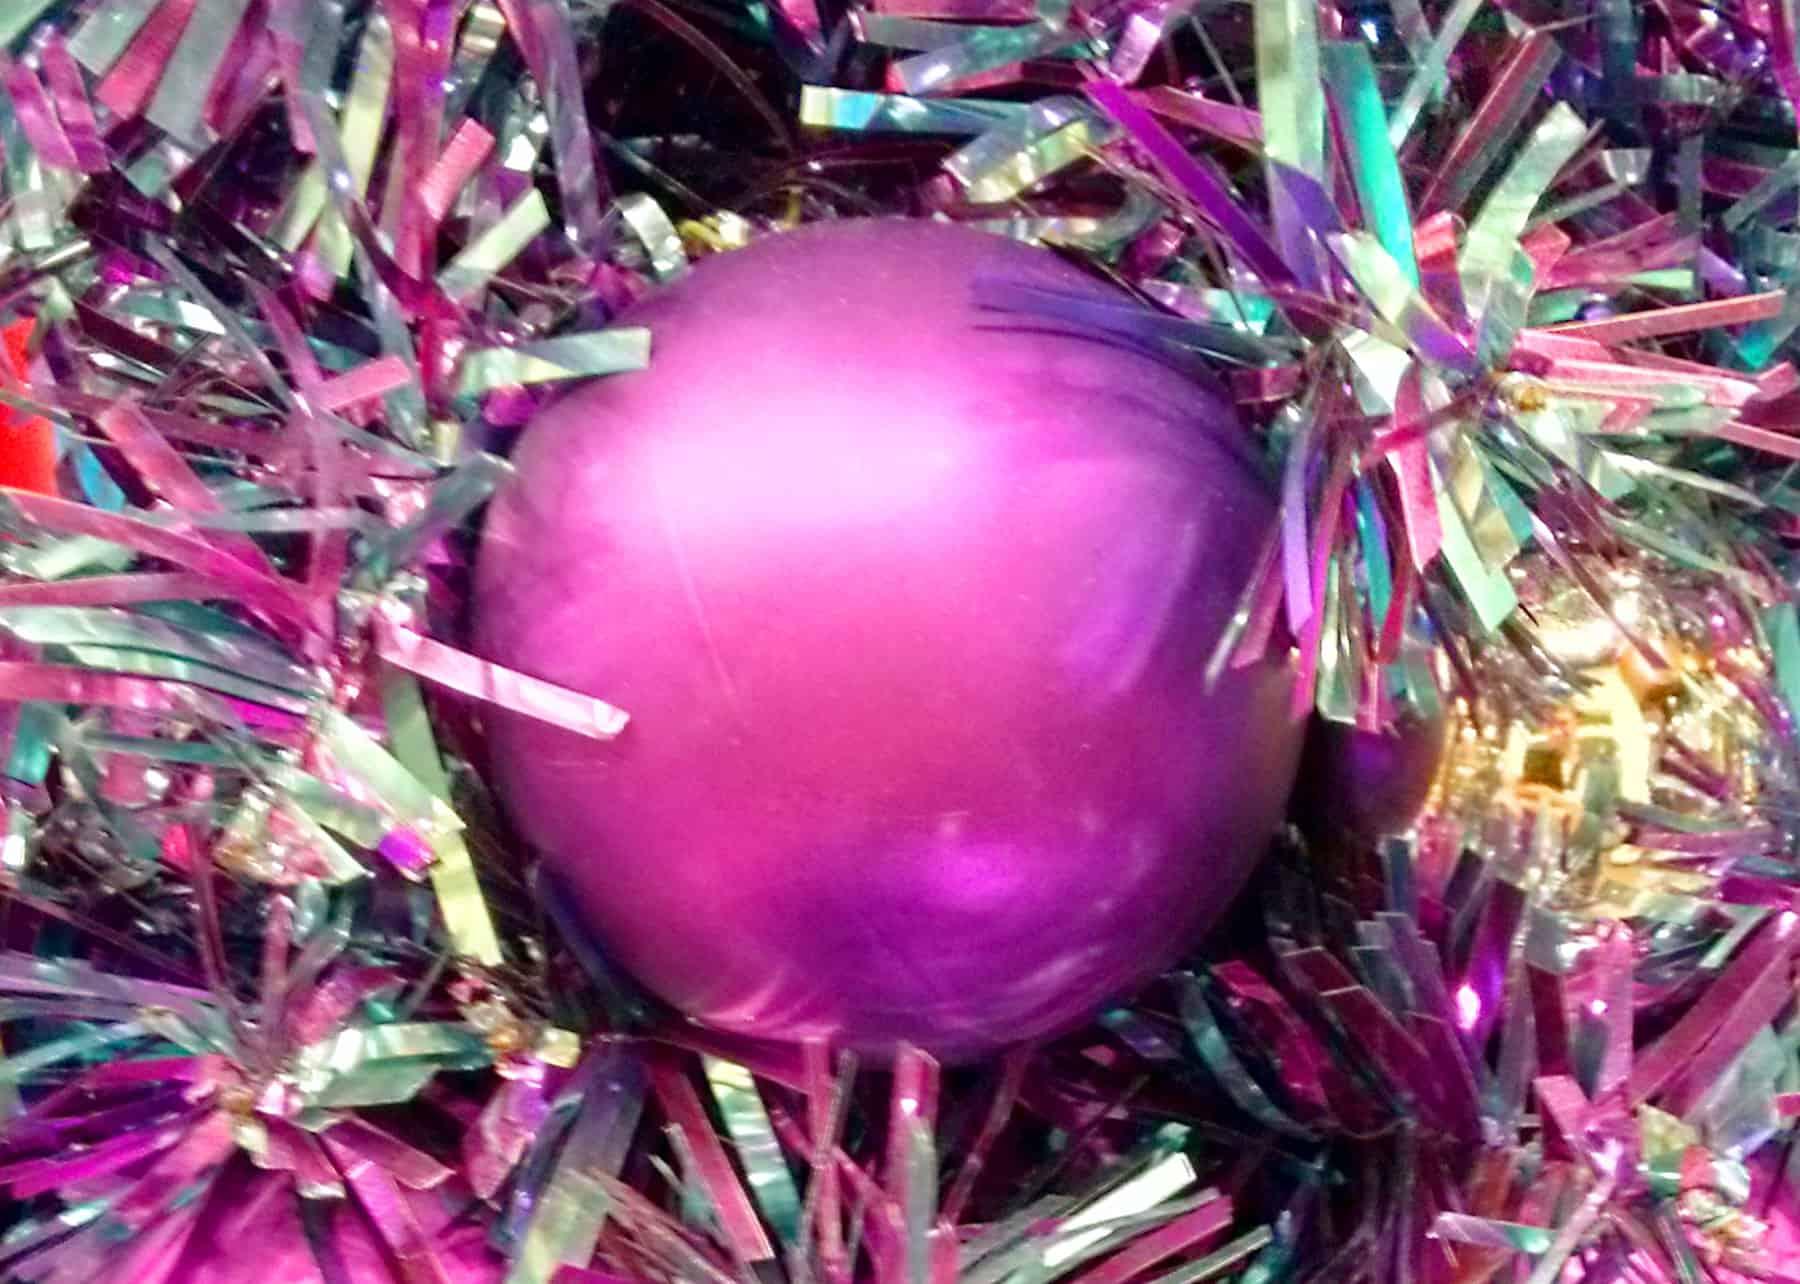 Weihnachtskugeln lila geschmackvoller weihnachtsschmuck - Christbaumkugeln lila ...